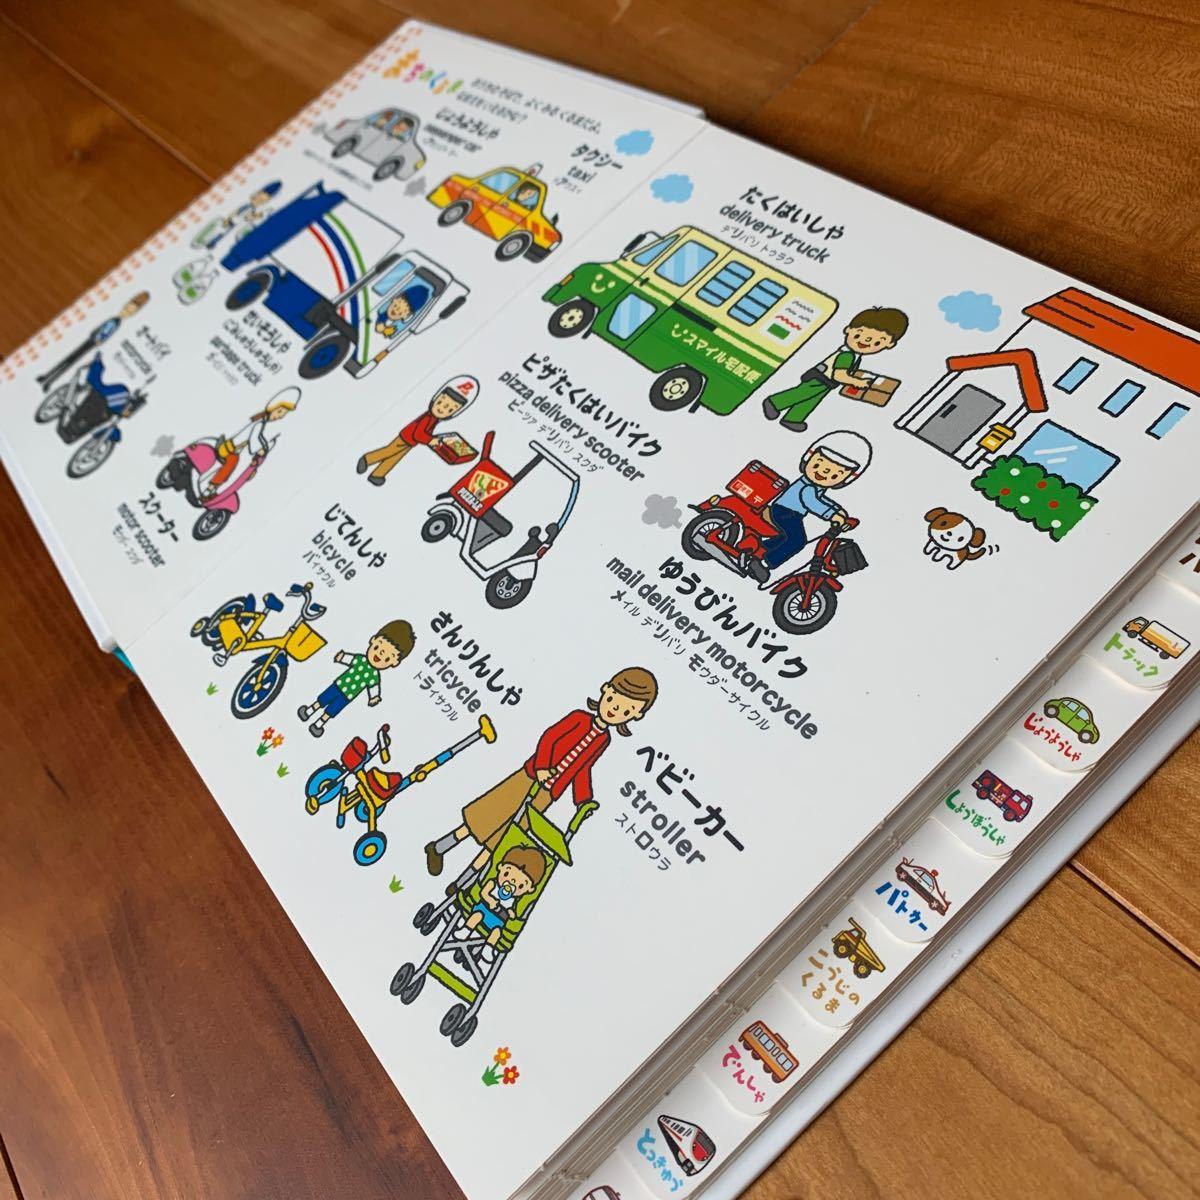 0さい~4さい こどもずかん くるまとでんしゃ 英語つき (学研こどもずかん) 幼児向け 図鑑